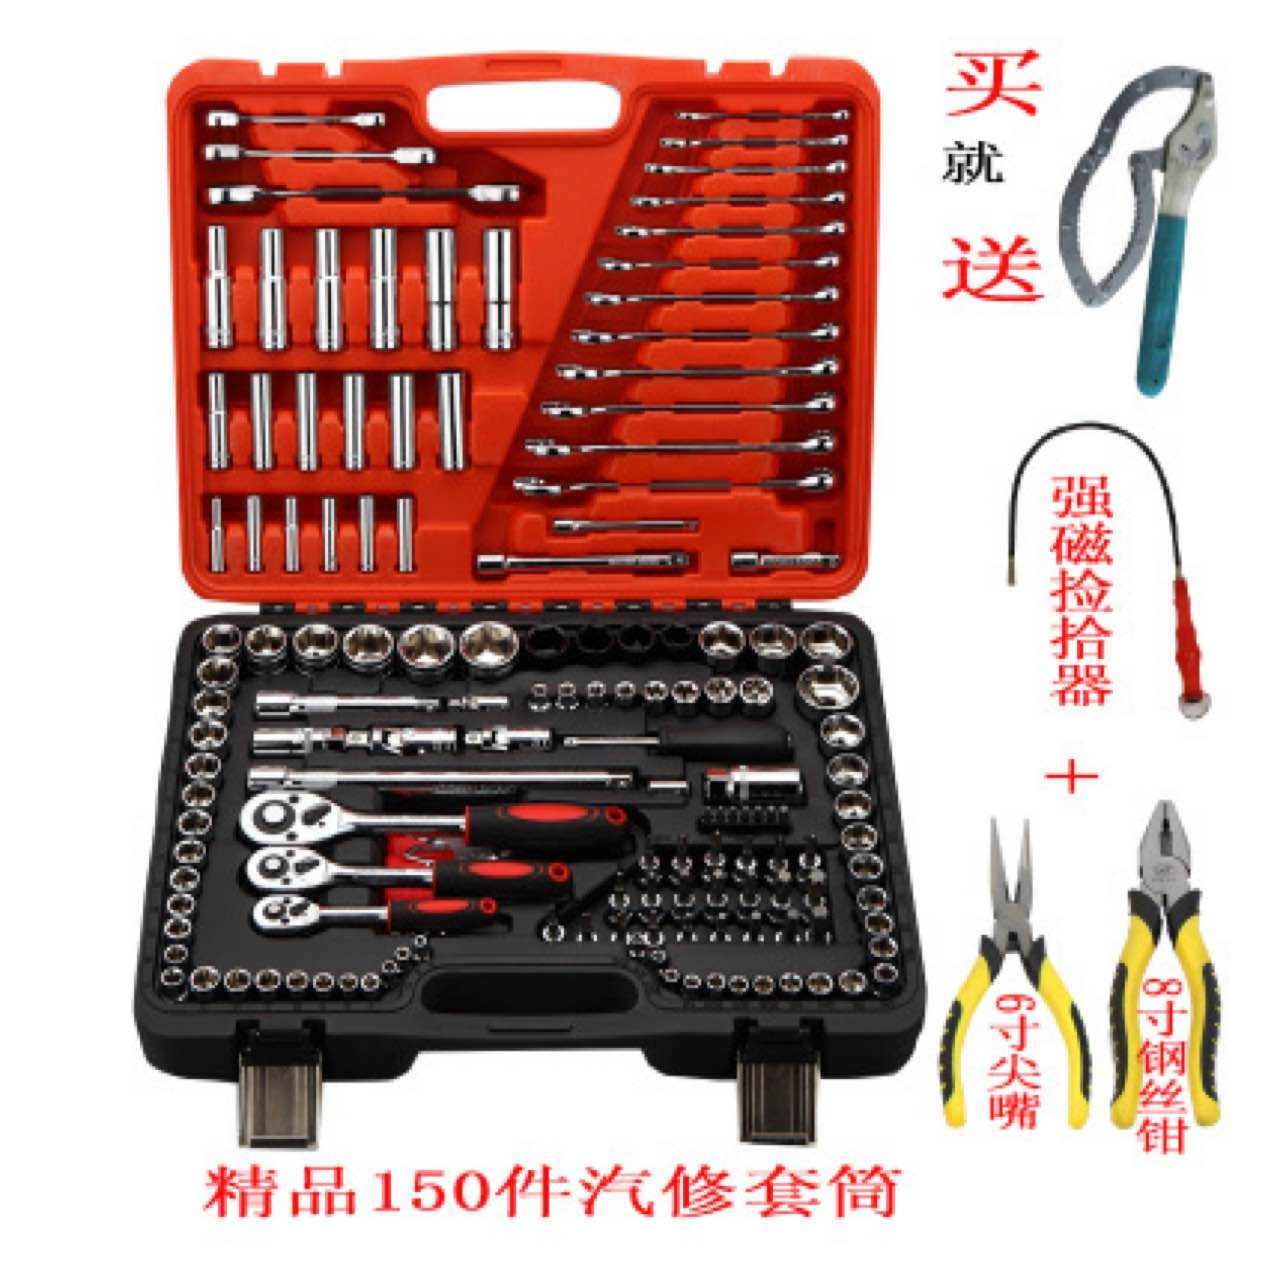 汽修组合棘轮扳手家用维修套装多功能汽保套筒组套五金工具工具箱